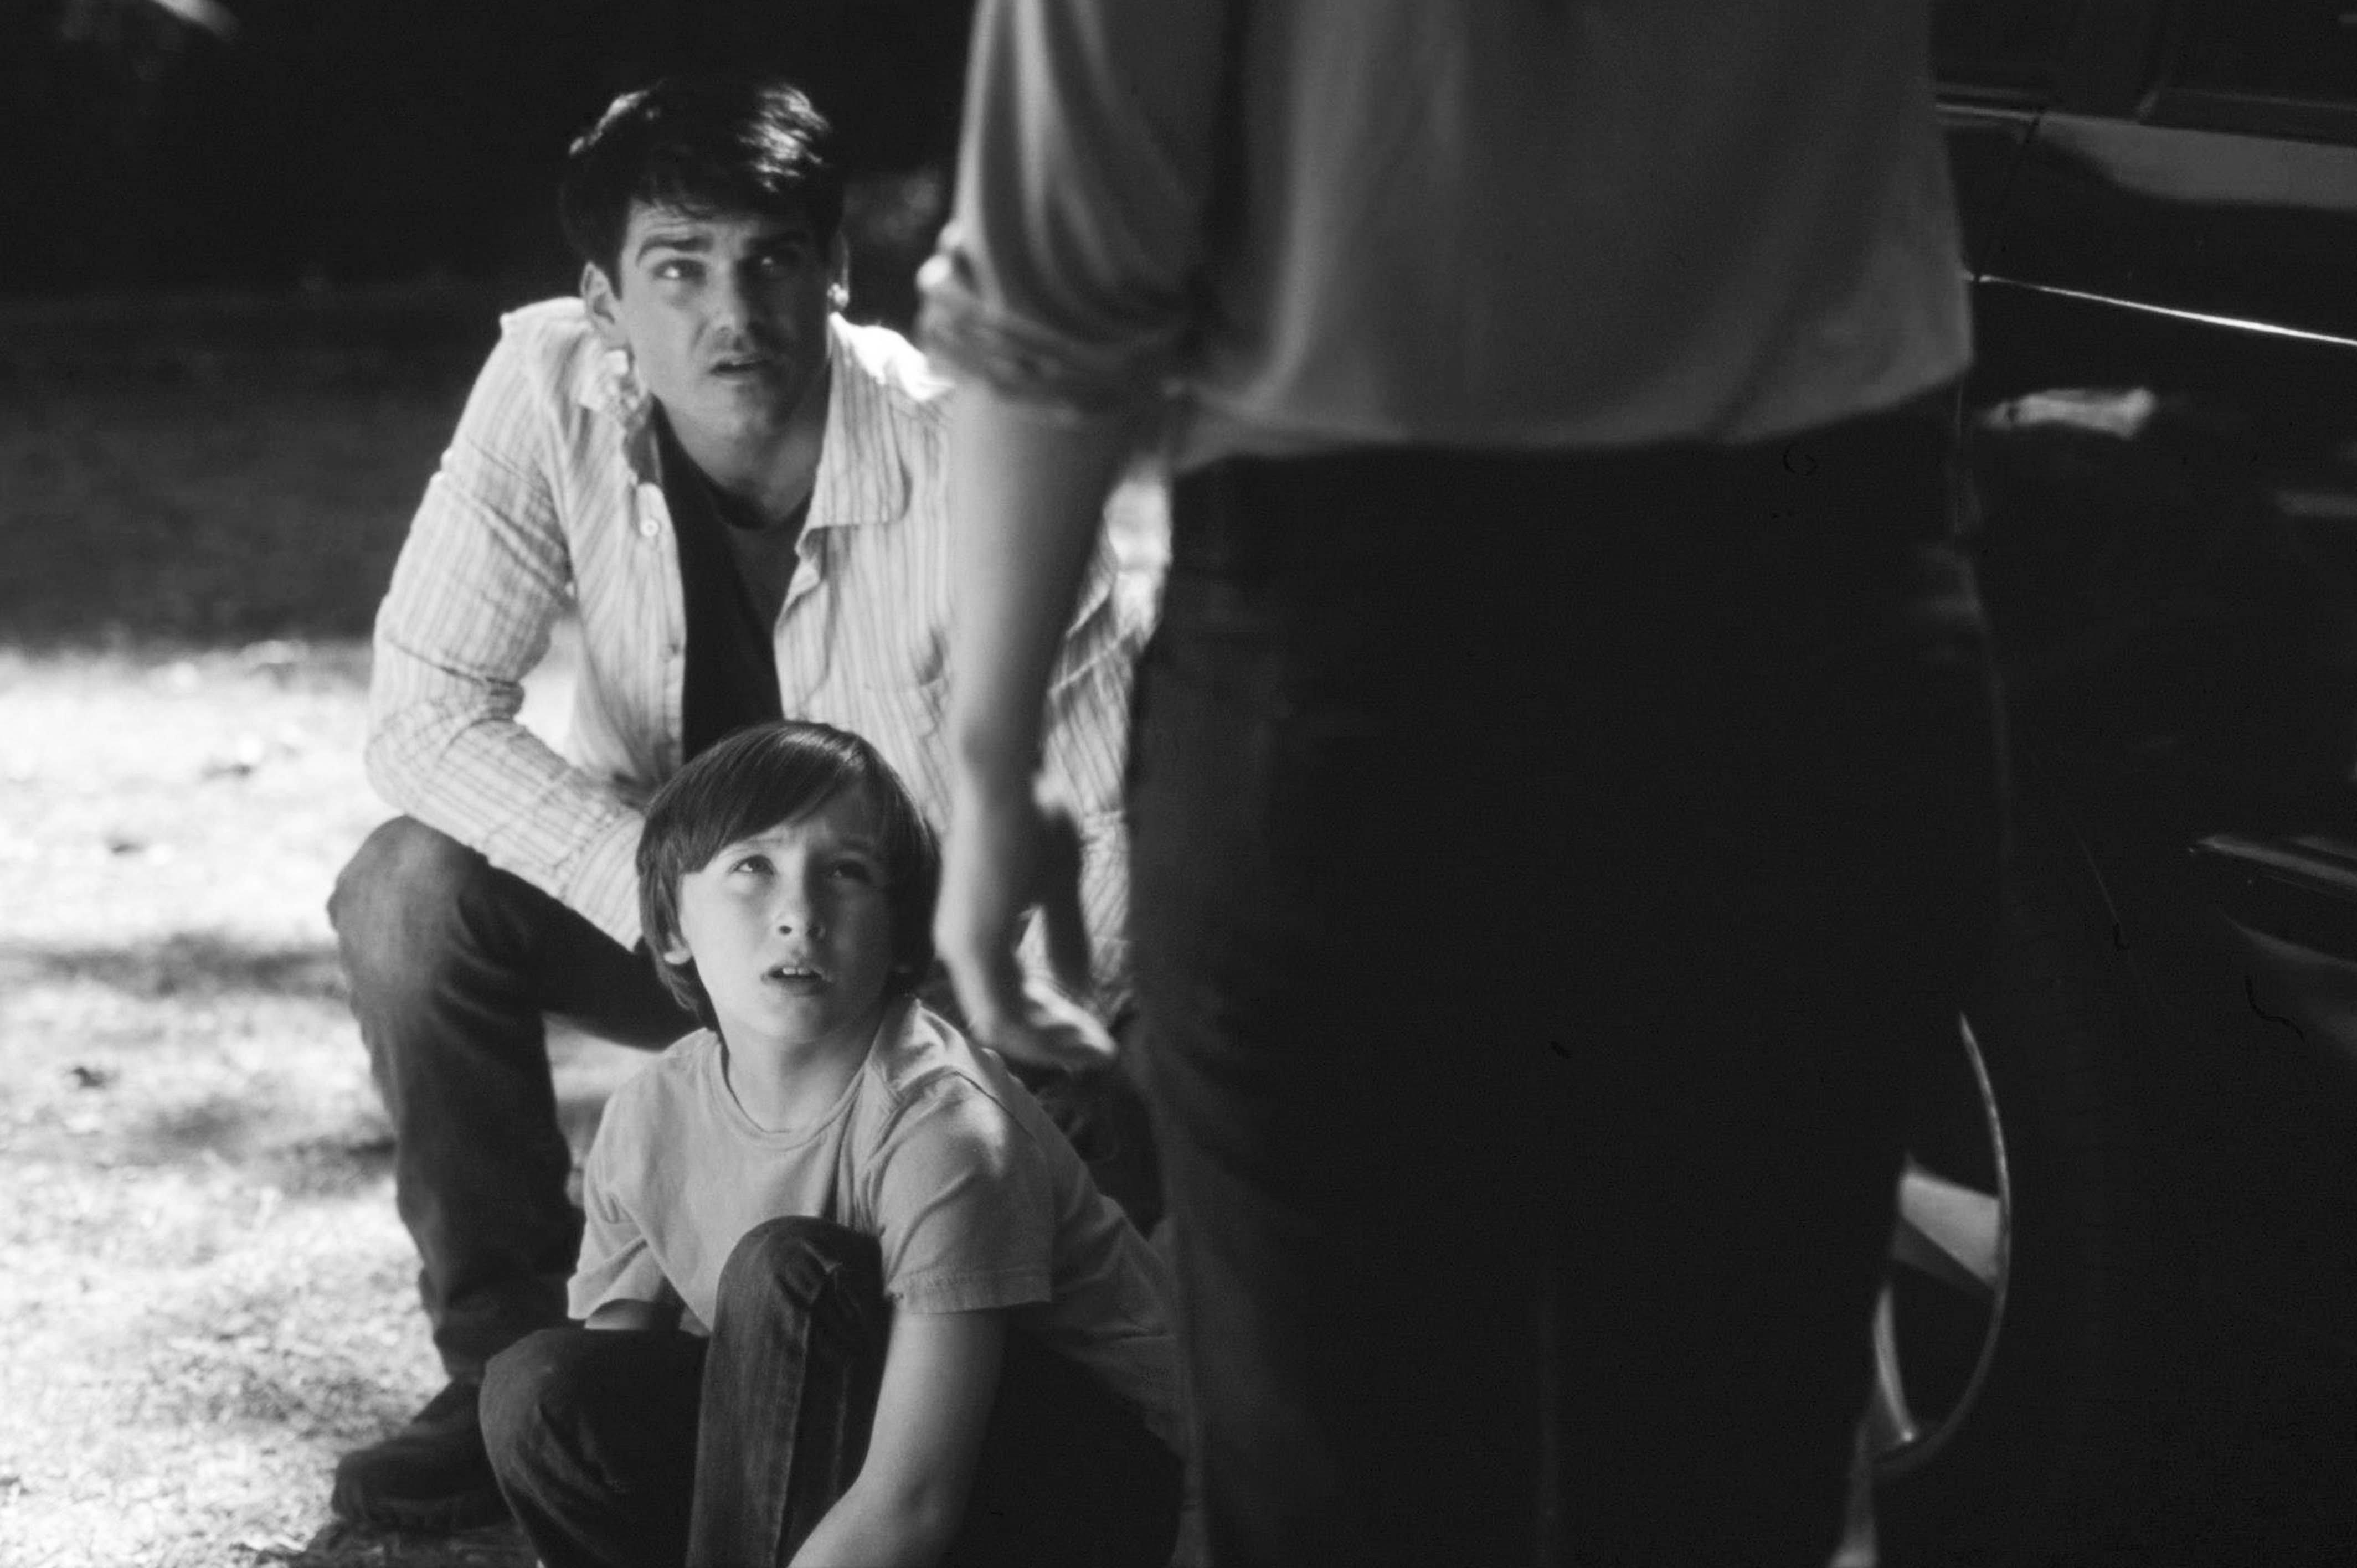 Sean McCracken as Kent and Cameron McIntyre as Aaron